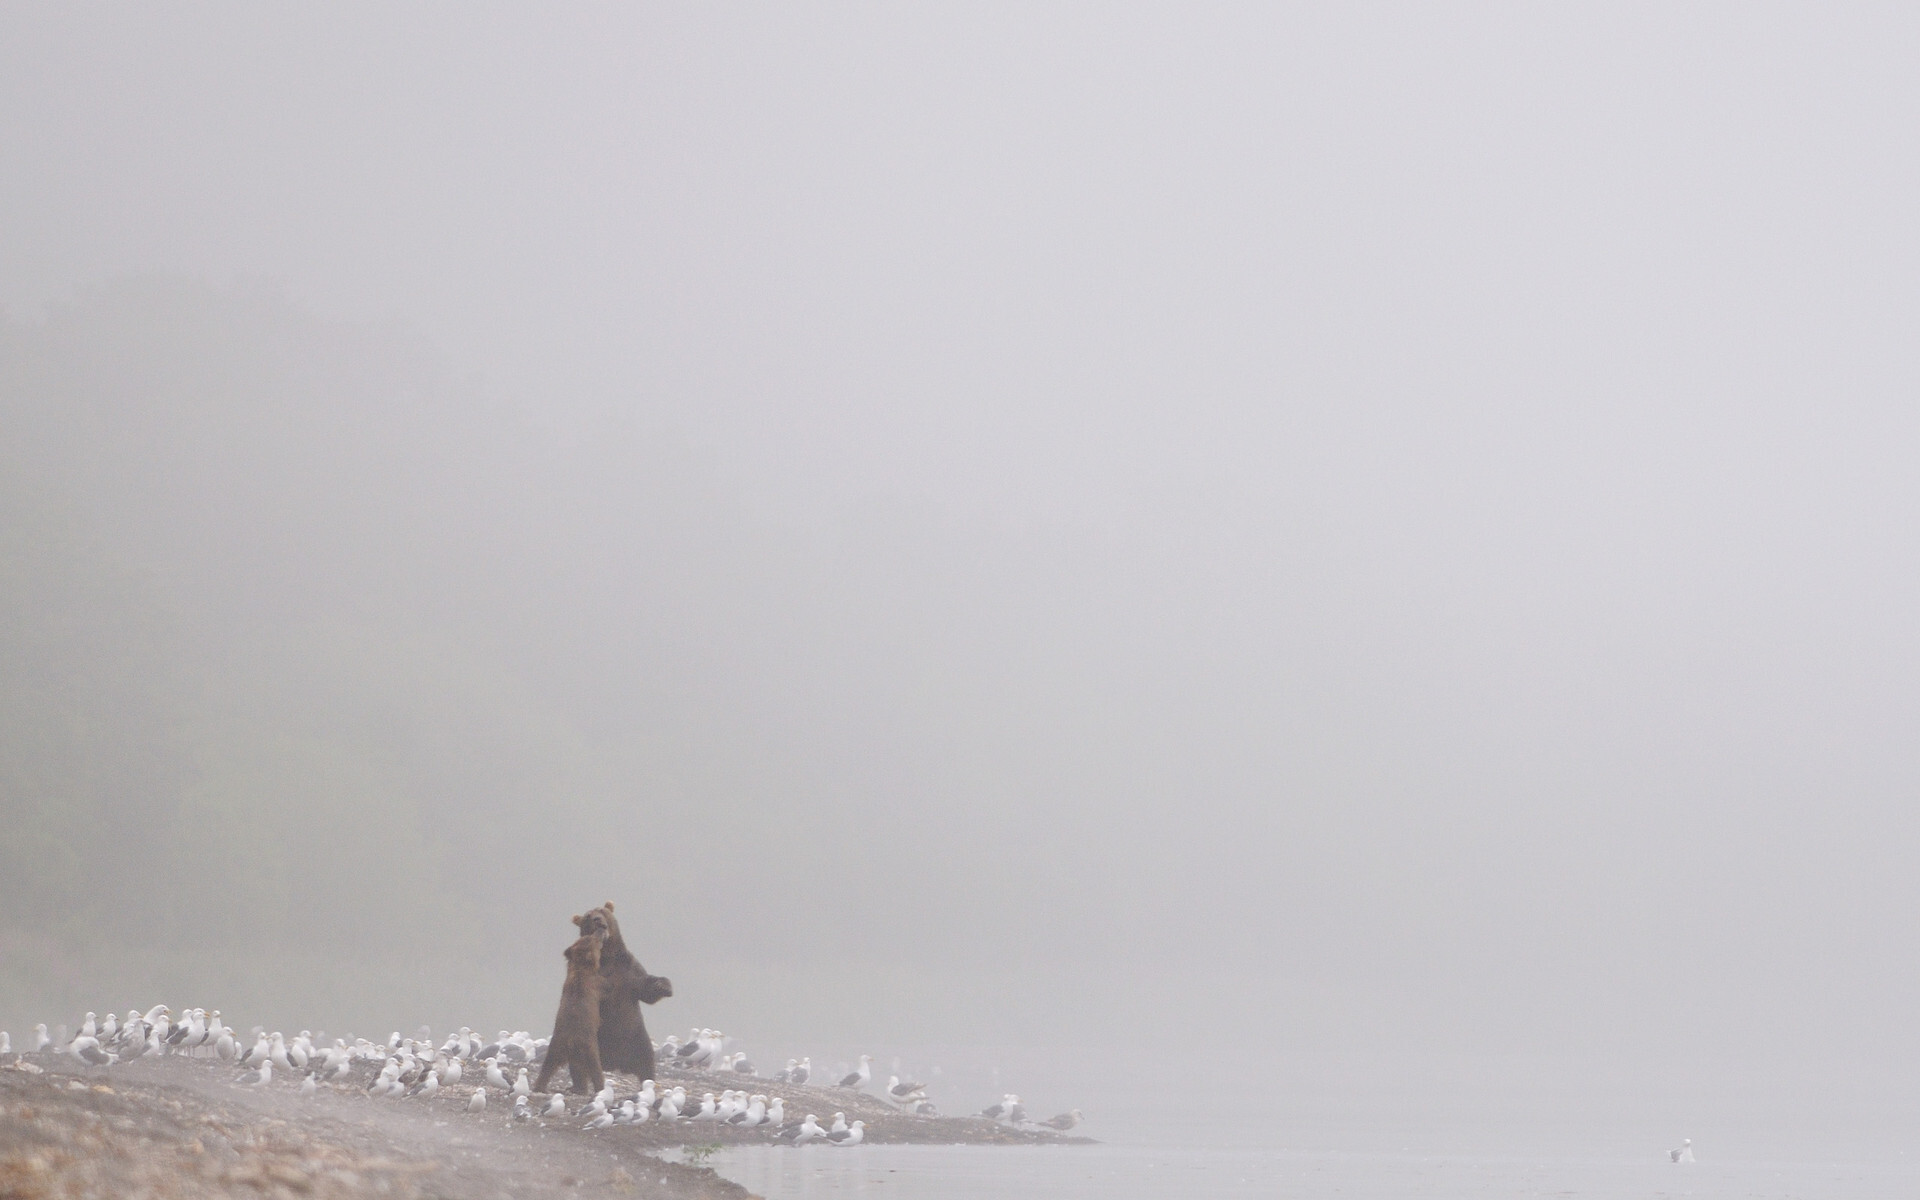 Южно-Камчатский федеральный заказник, медведи. Фотограф Игорь Шпиленок